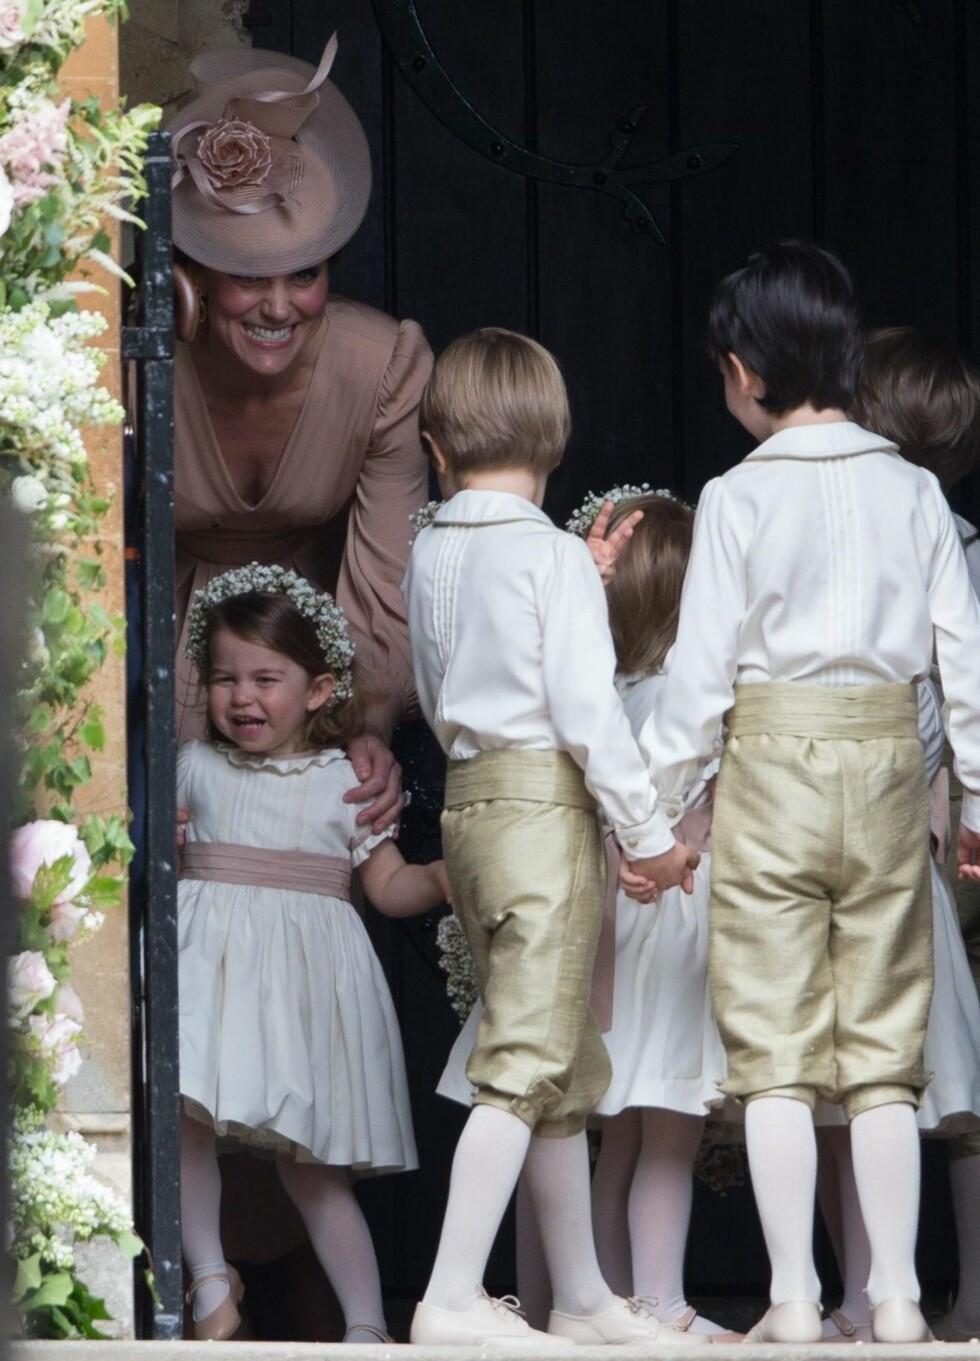 Pippa Middleton giftet seg med James Matthews i St Mark's Church. Prinsesse Charlotte var blant bryllupets brudepiker   Foto: Shutterstock